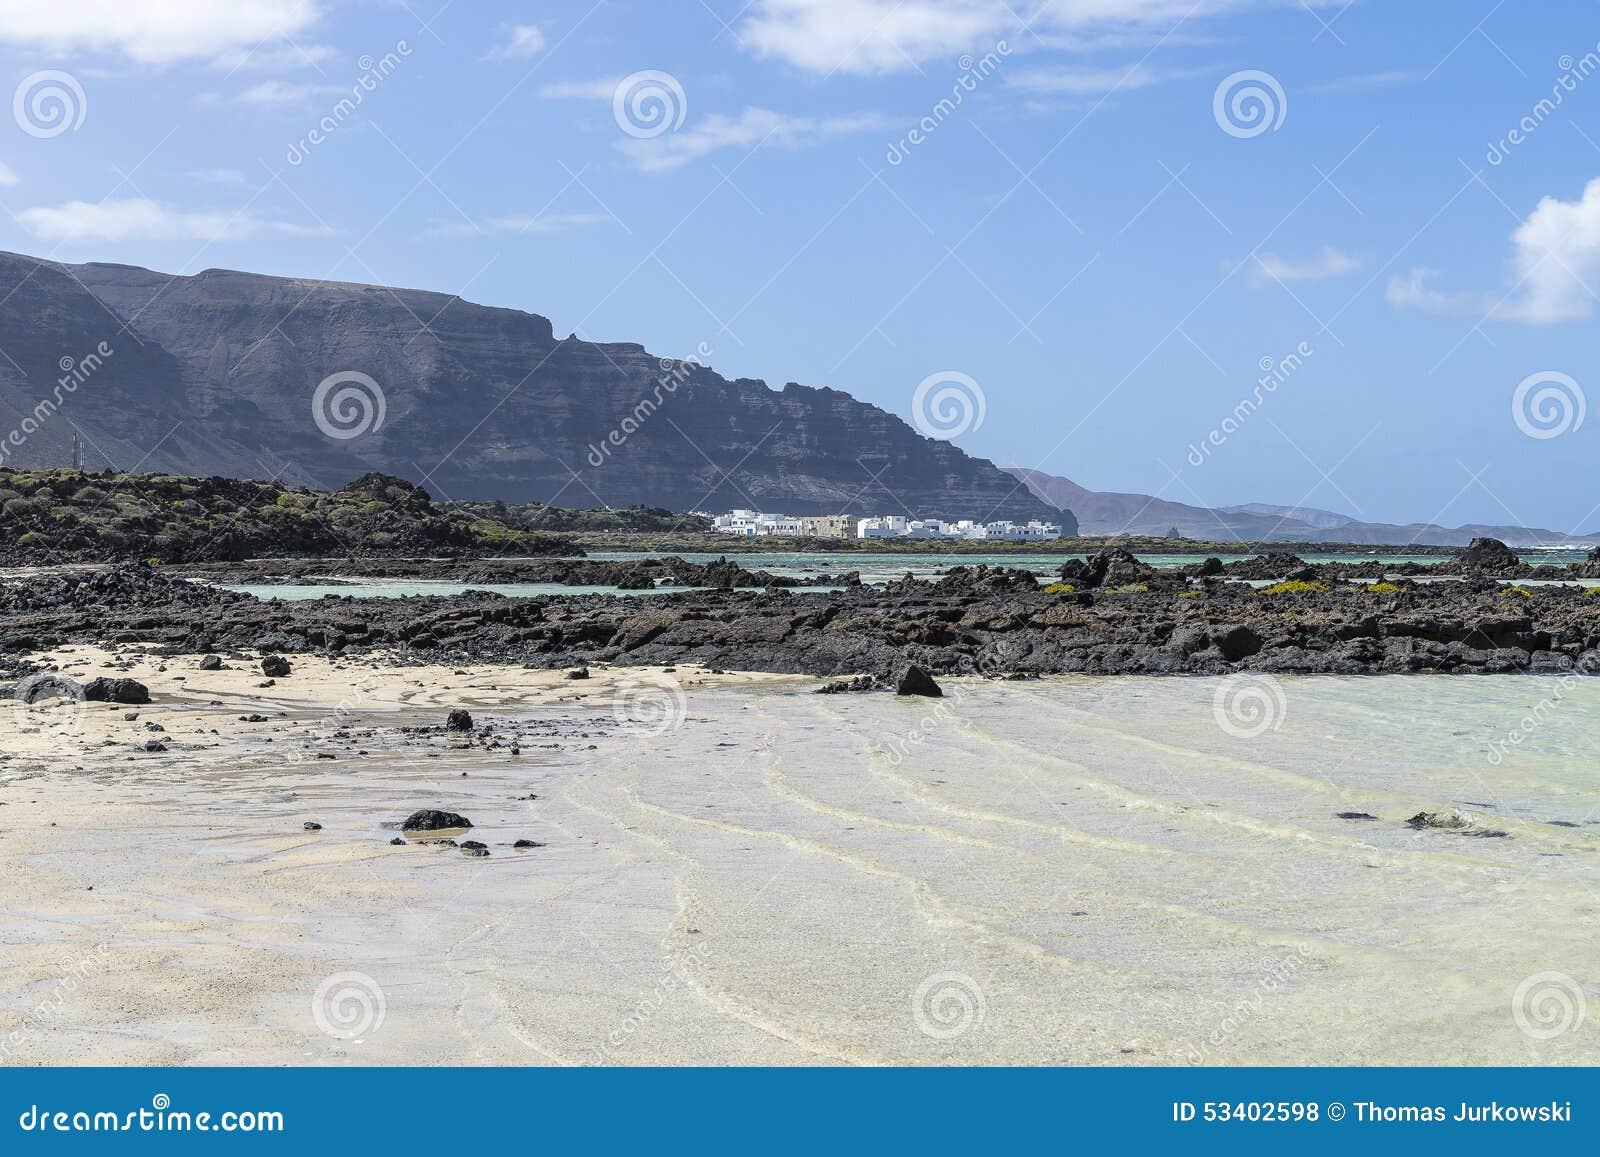 Lanzarote landscapes